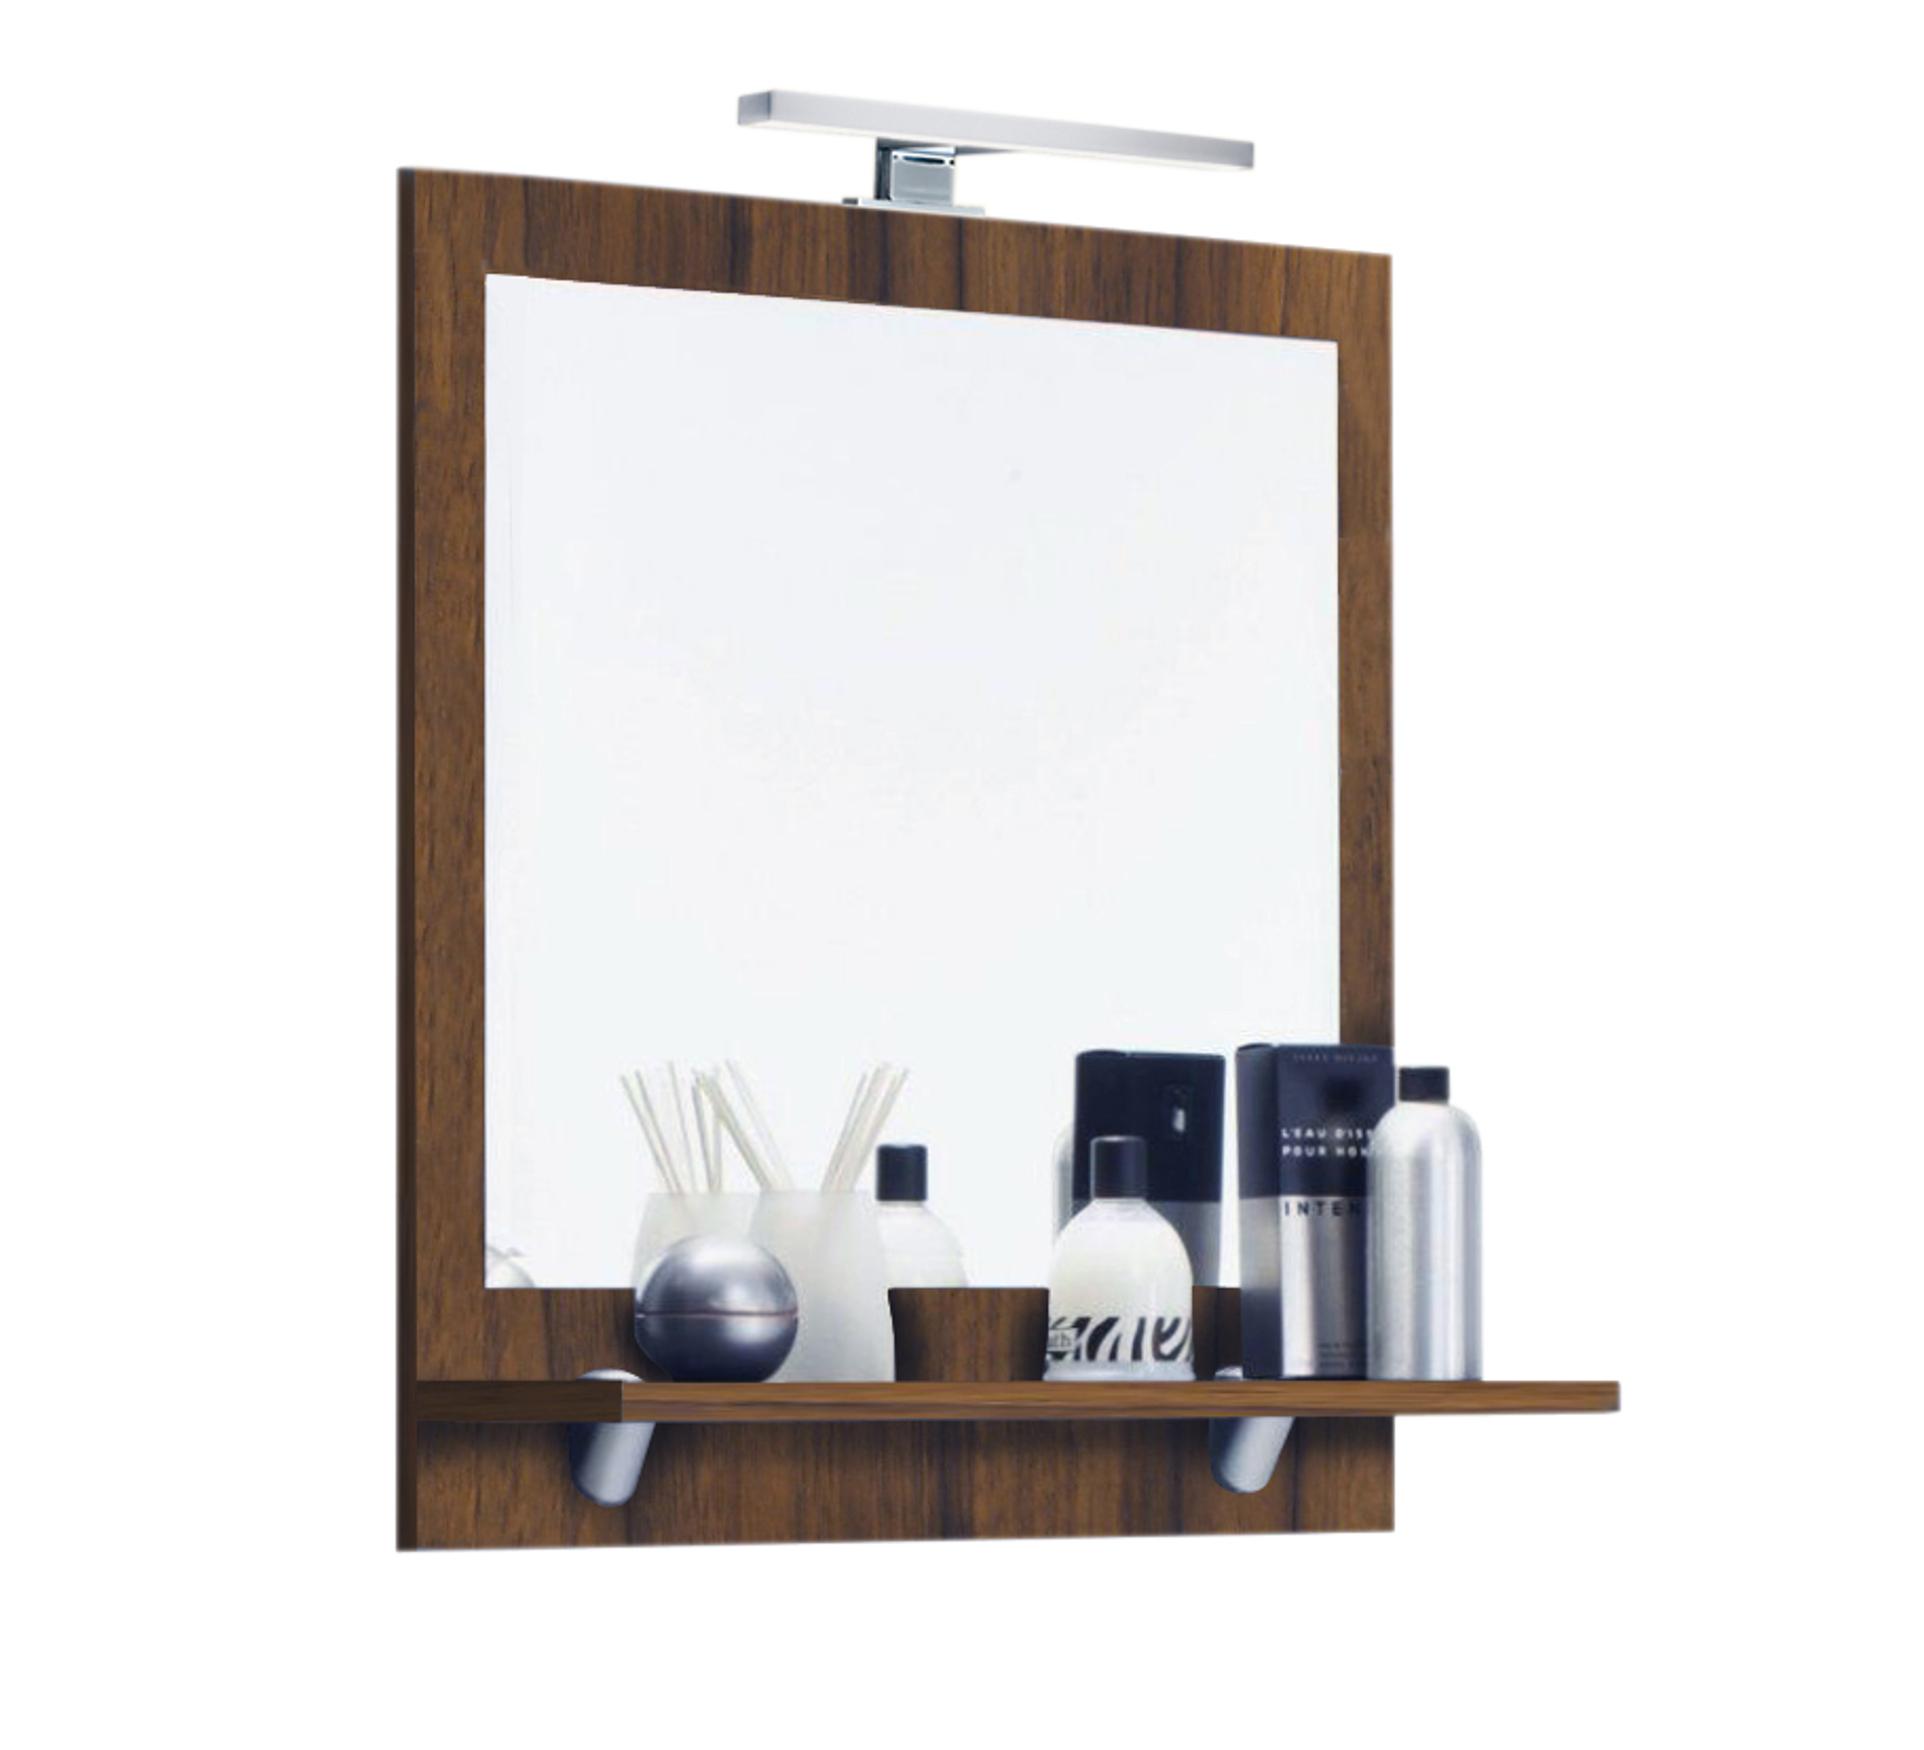 Bad spiegel mit ablage und led lampe 60 cm breit for Spiegel id